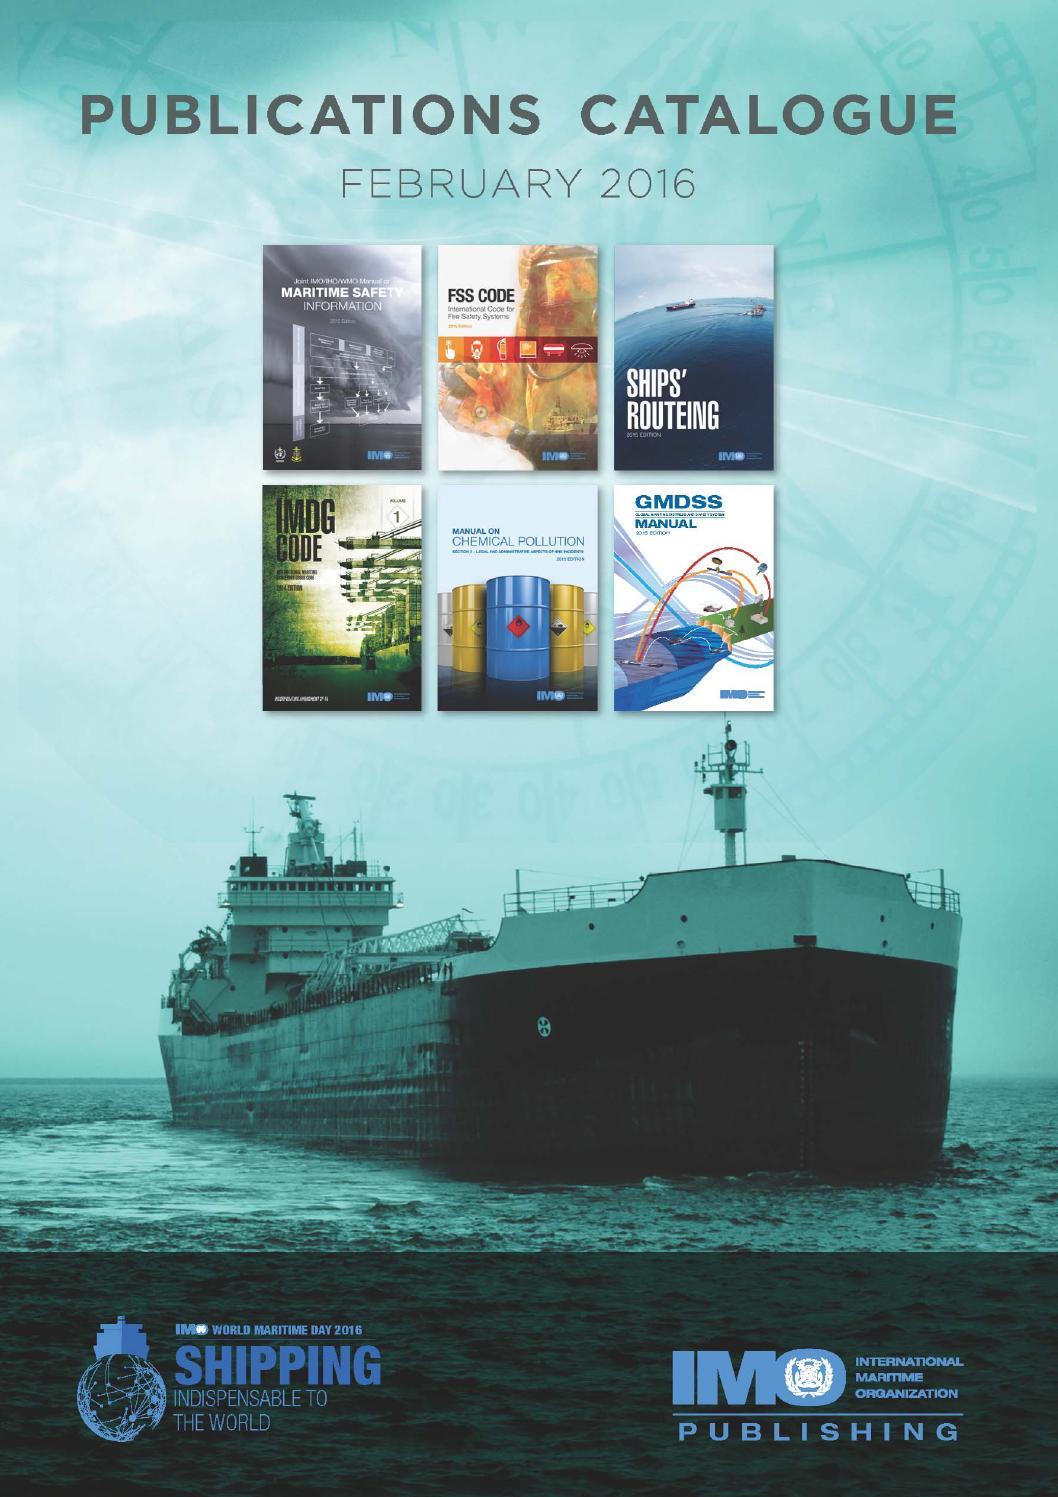 Imo publishing 2016 catalogue by imo news magazine issuu buycottarizona